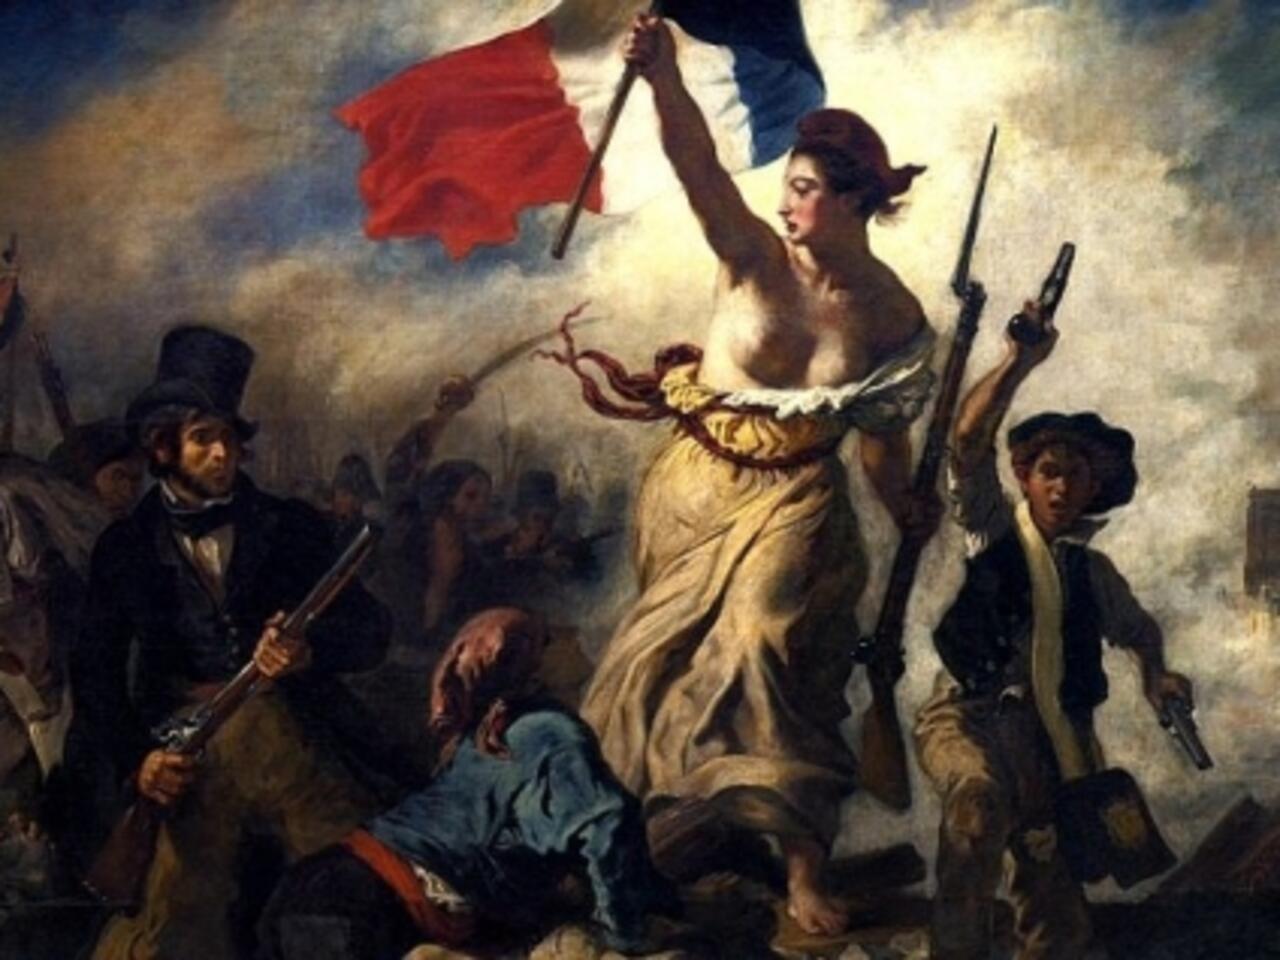 Le Celebre Tableau La Liberte Guidant Le Peuple Vandalise Au Louvre Lens